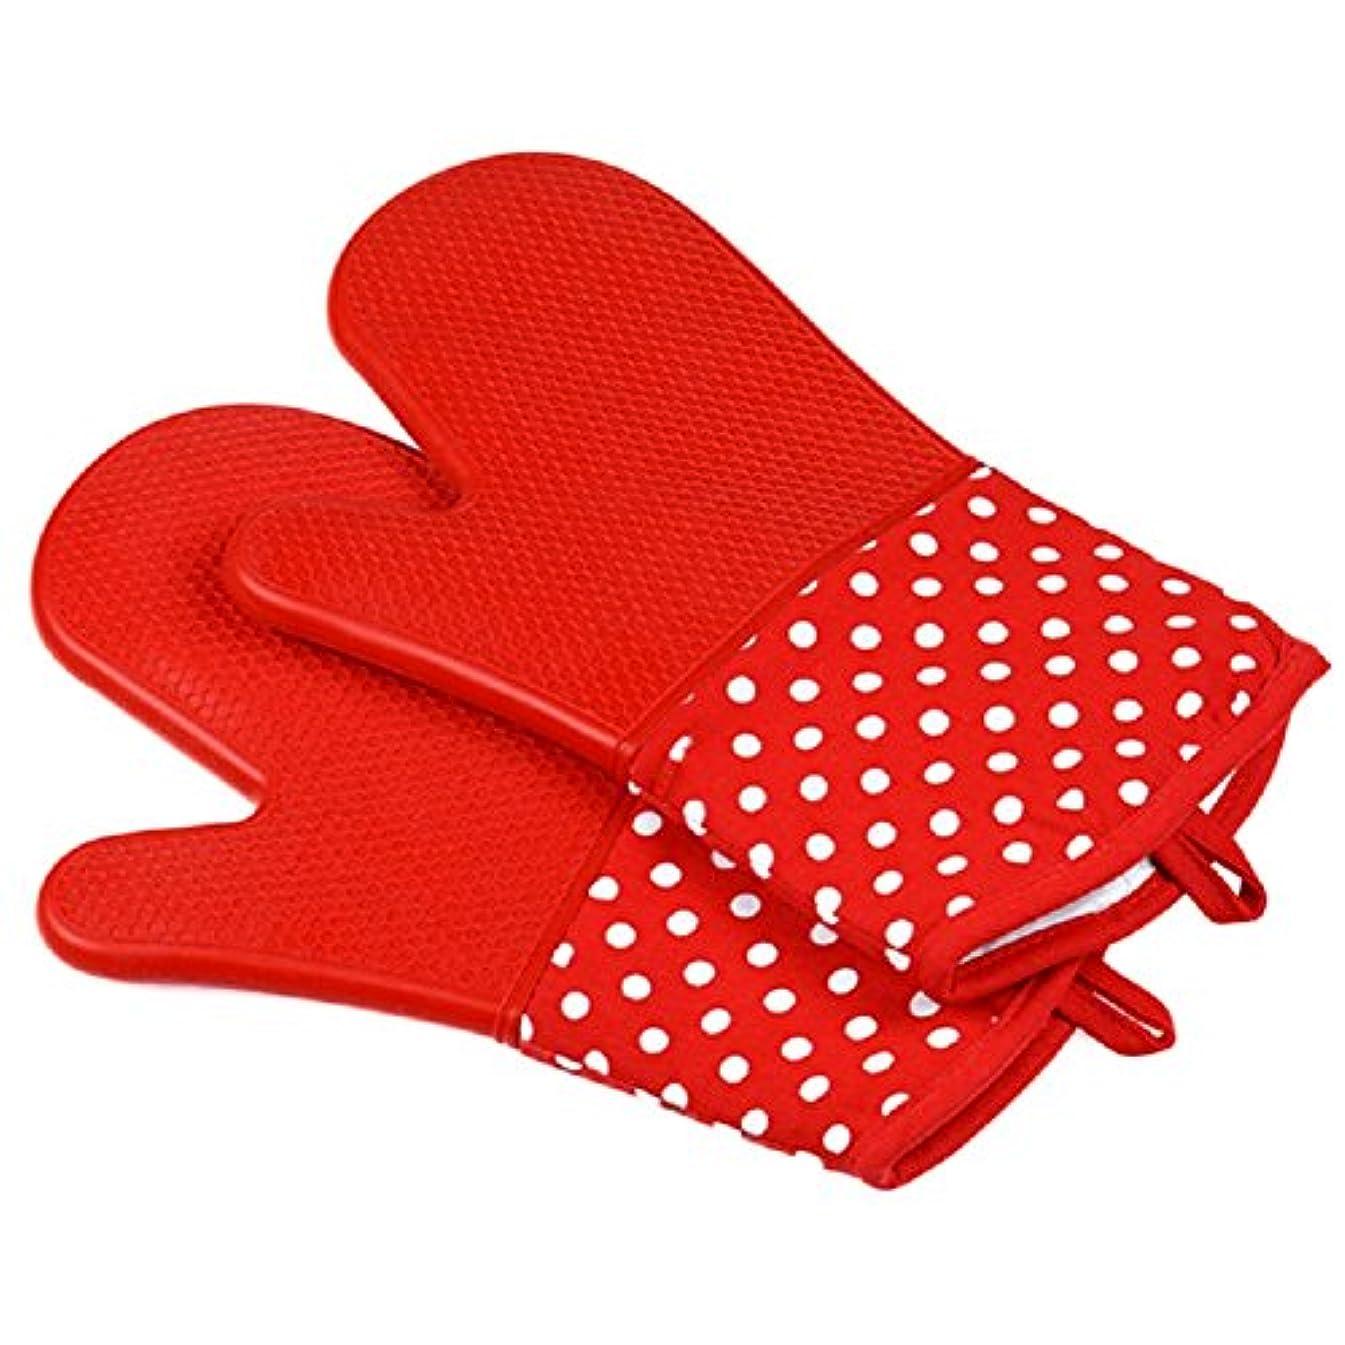 派手自分自身ファックスOUYOU 耐熱グローブ シリコンチェック 耐熱温度300℃ キッチングローブ オーブンミトン シリコン手袋 滑り止め クッキング用 フリーサイズ 2個セット